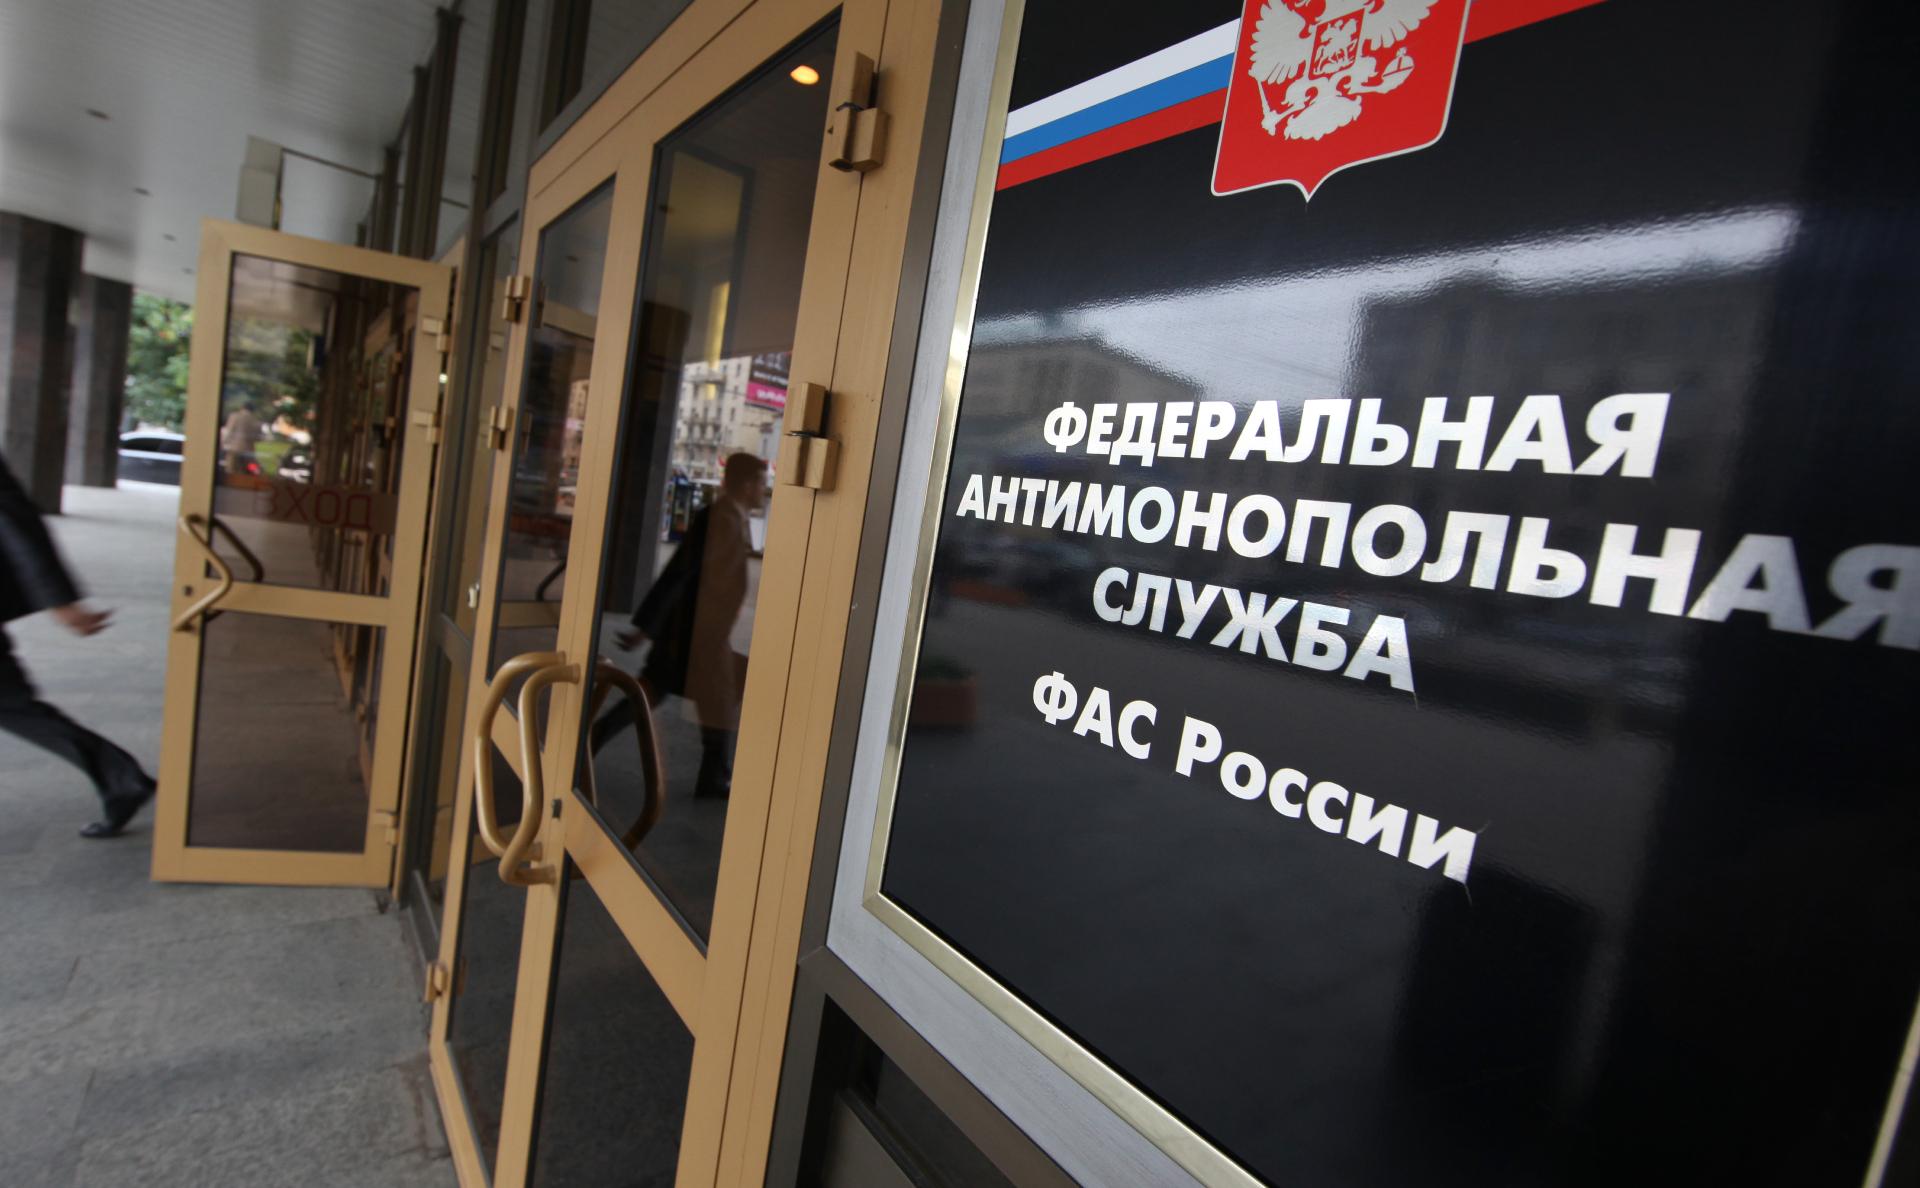 Фото: Михаил Фомичев / РИА Новости